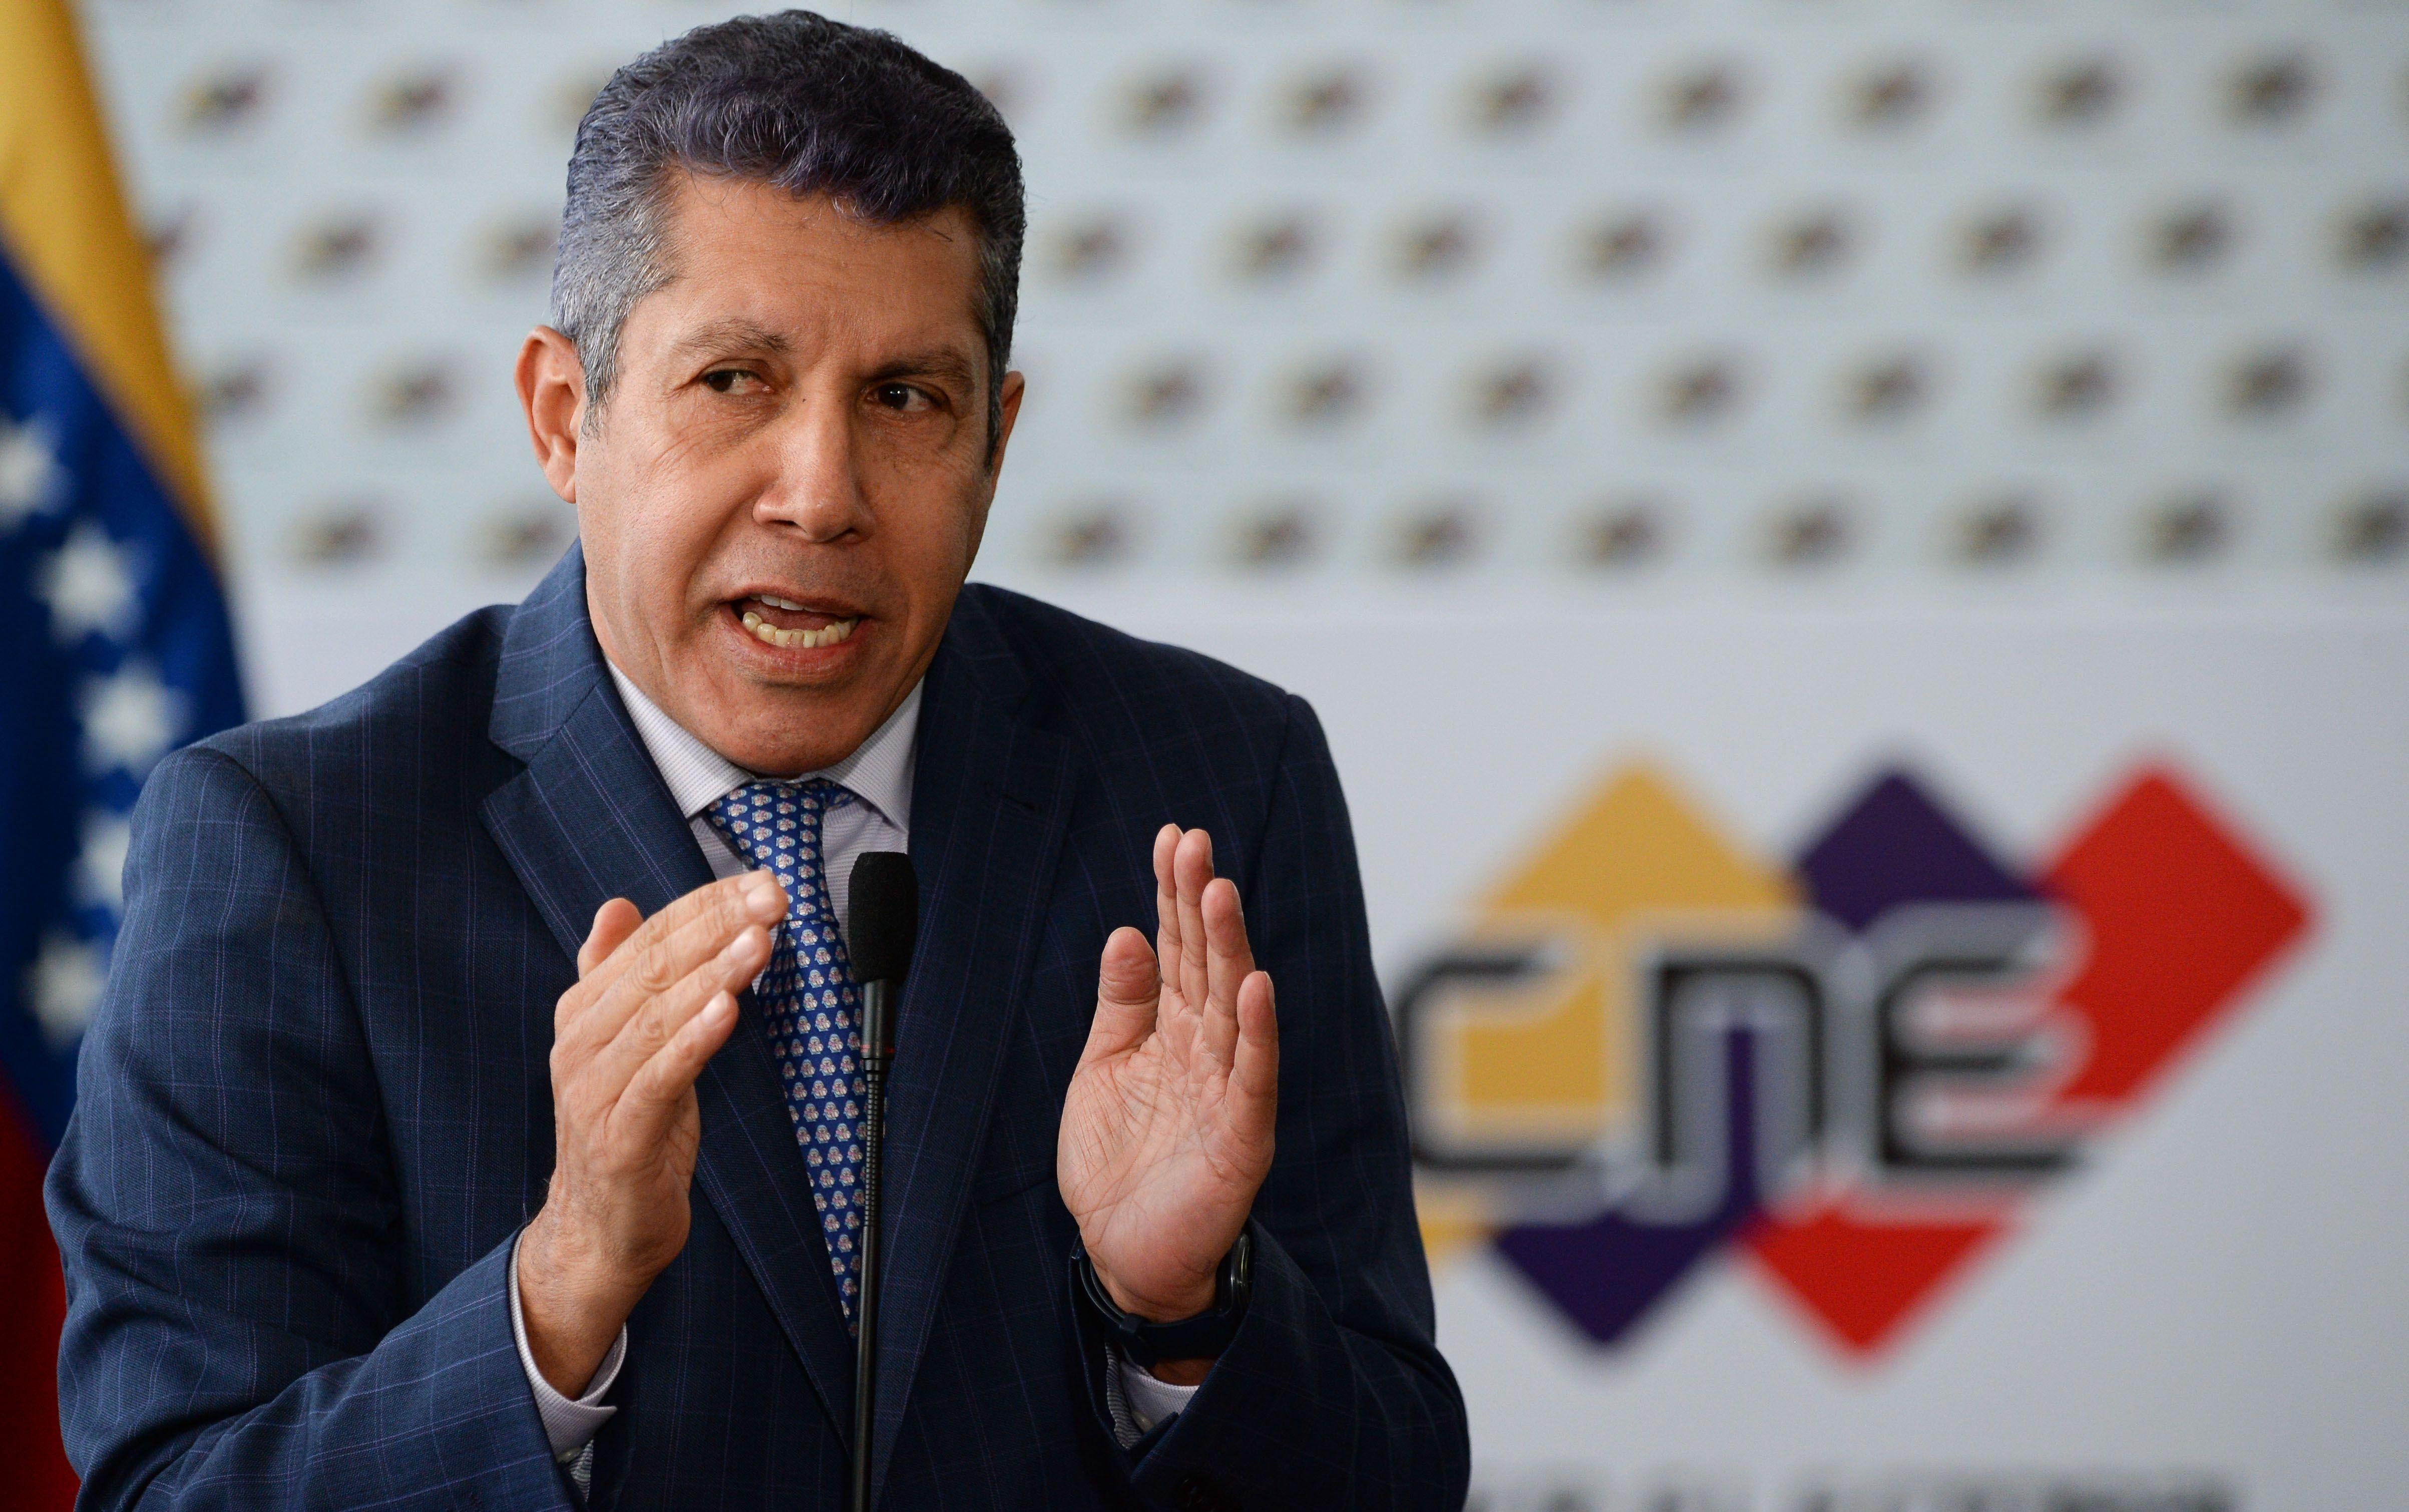 Postergan para segunda quincena de mayo las elecciones presidenciales en Venezuela